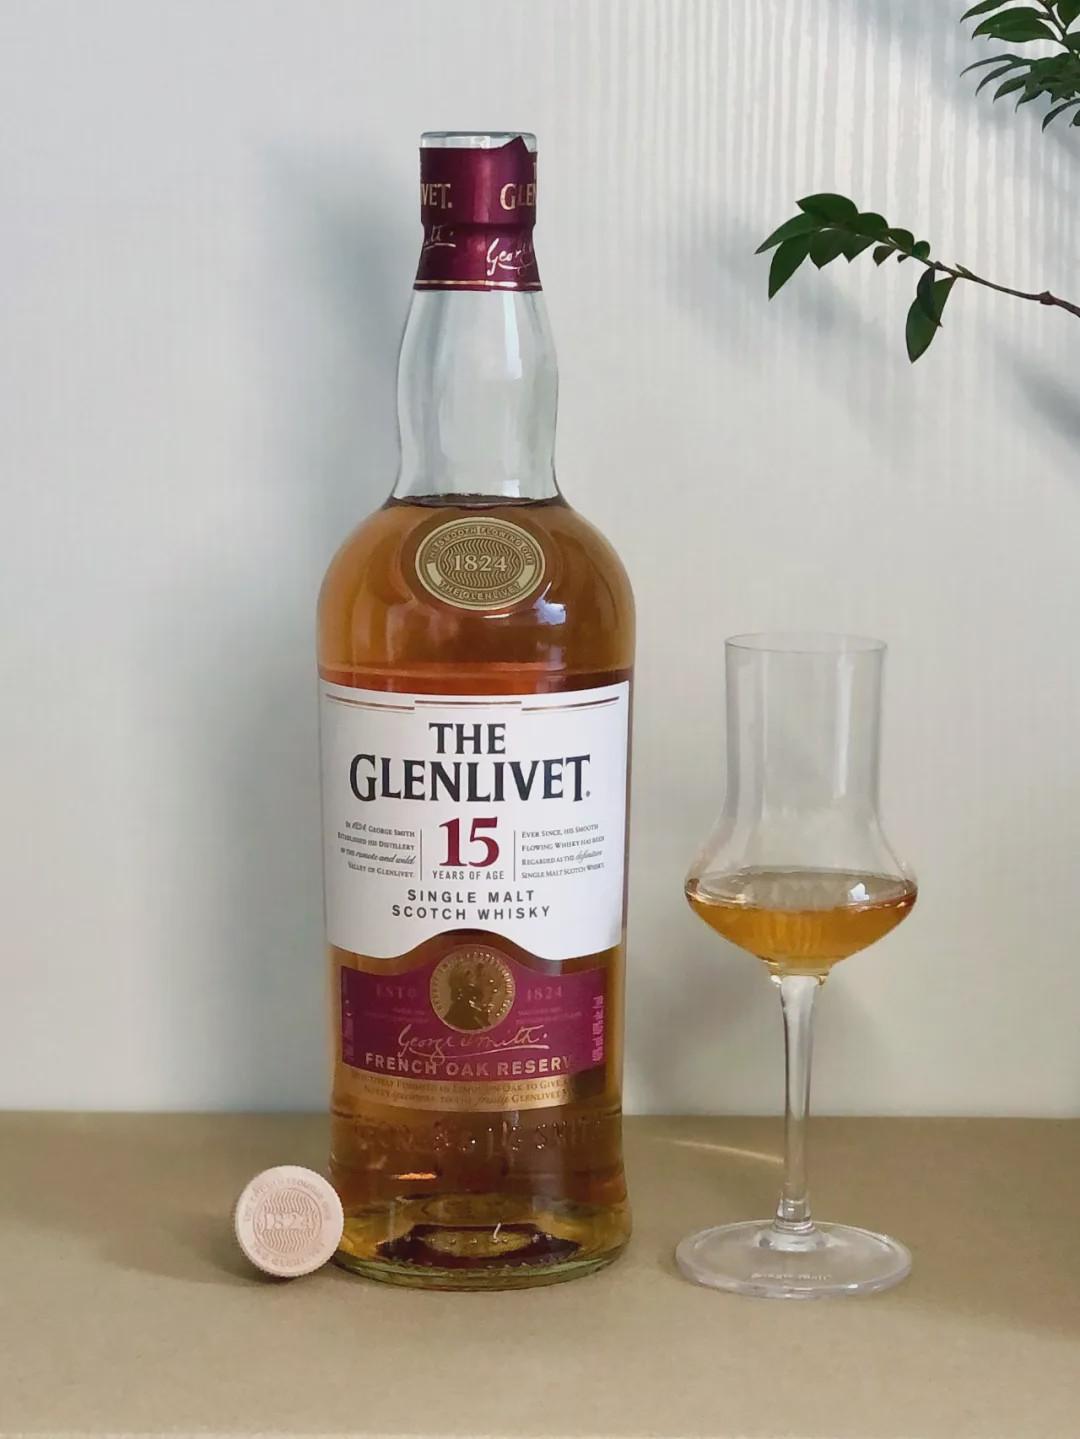 原创            好酒:法国橡木桶陈酿的苏格兰威士忌